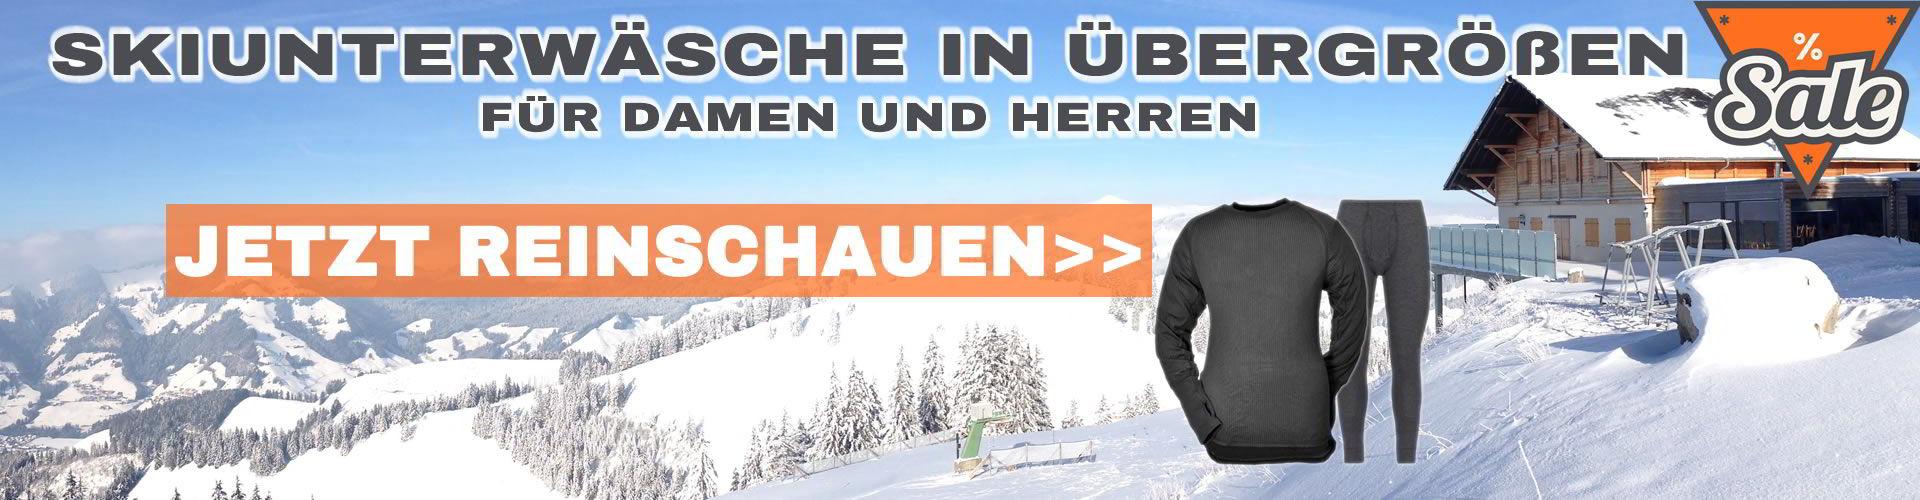 Angebot Skiunterwäsche